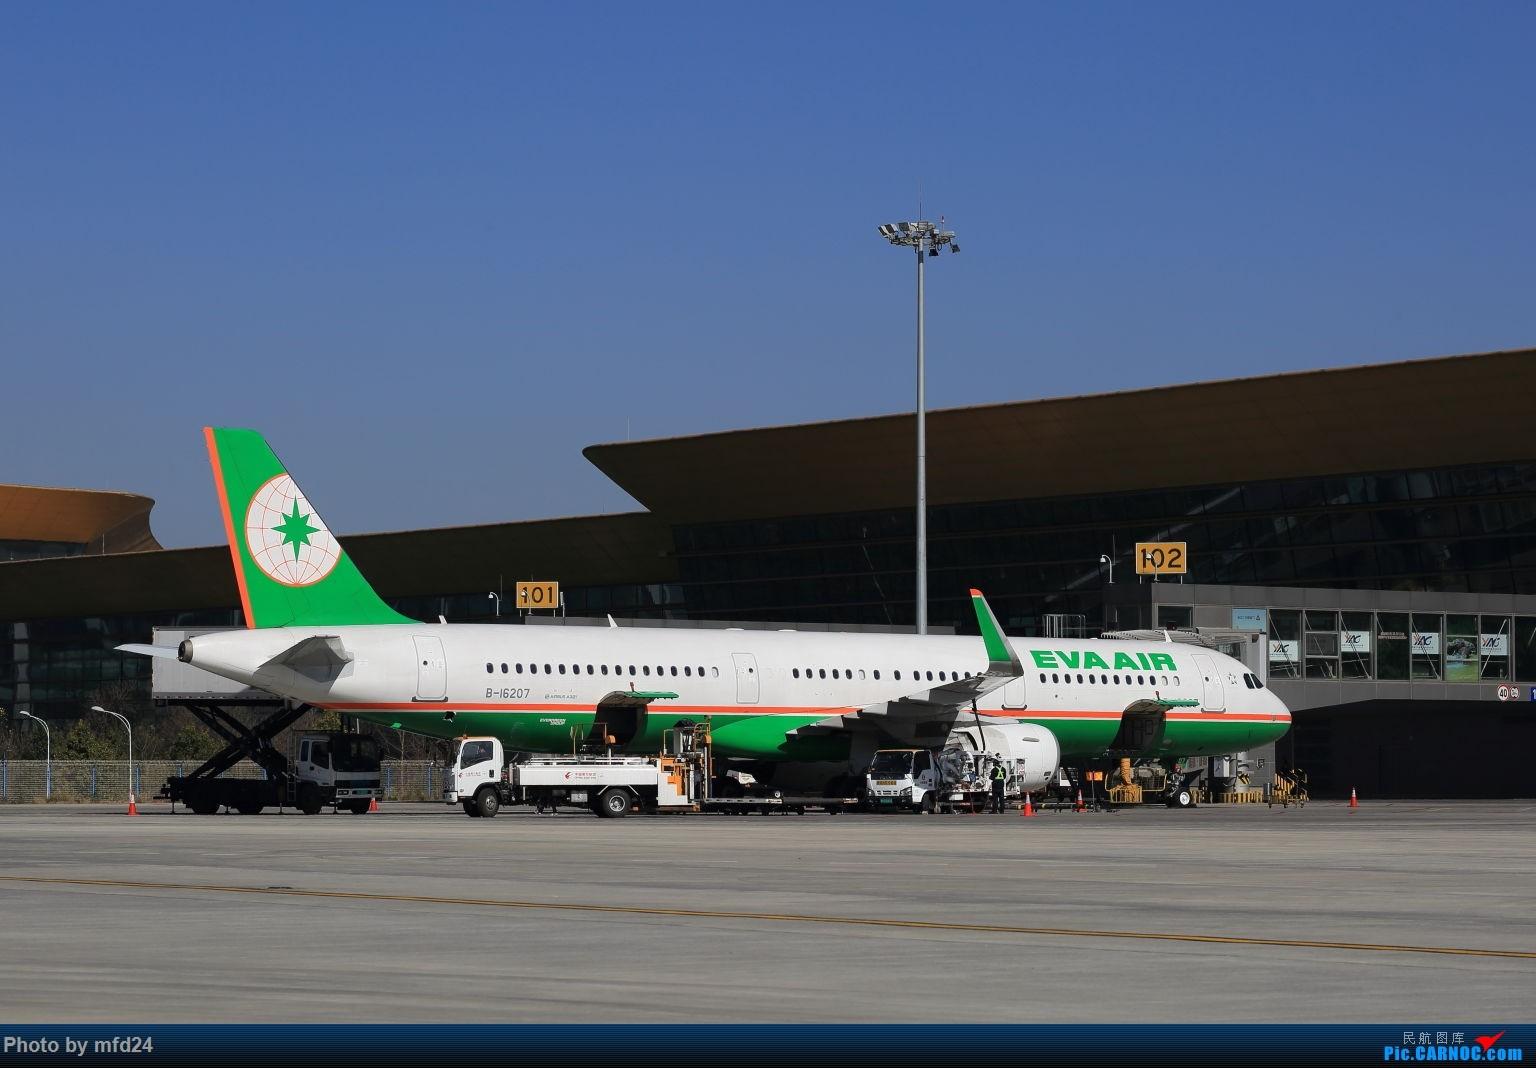 Re:[原创]来组高大上的空中航空摄影 AIRBUS A321-200 B-16207